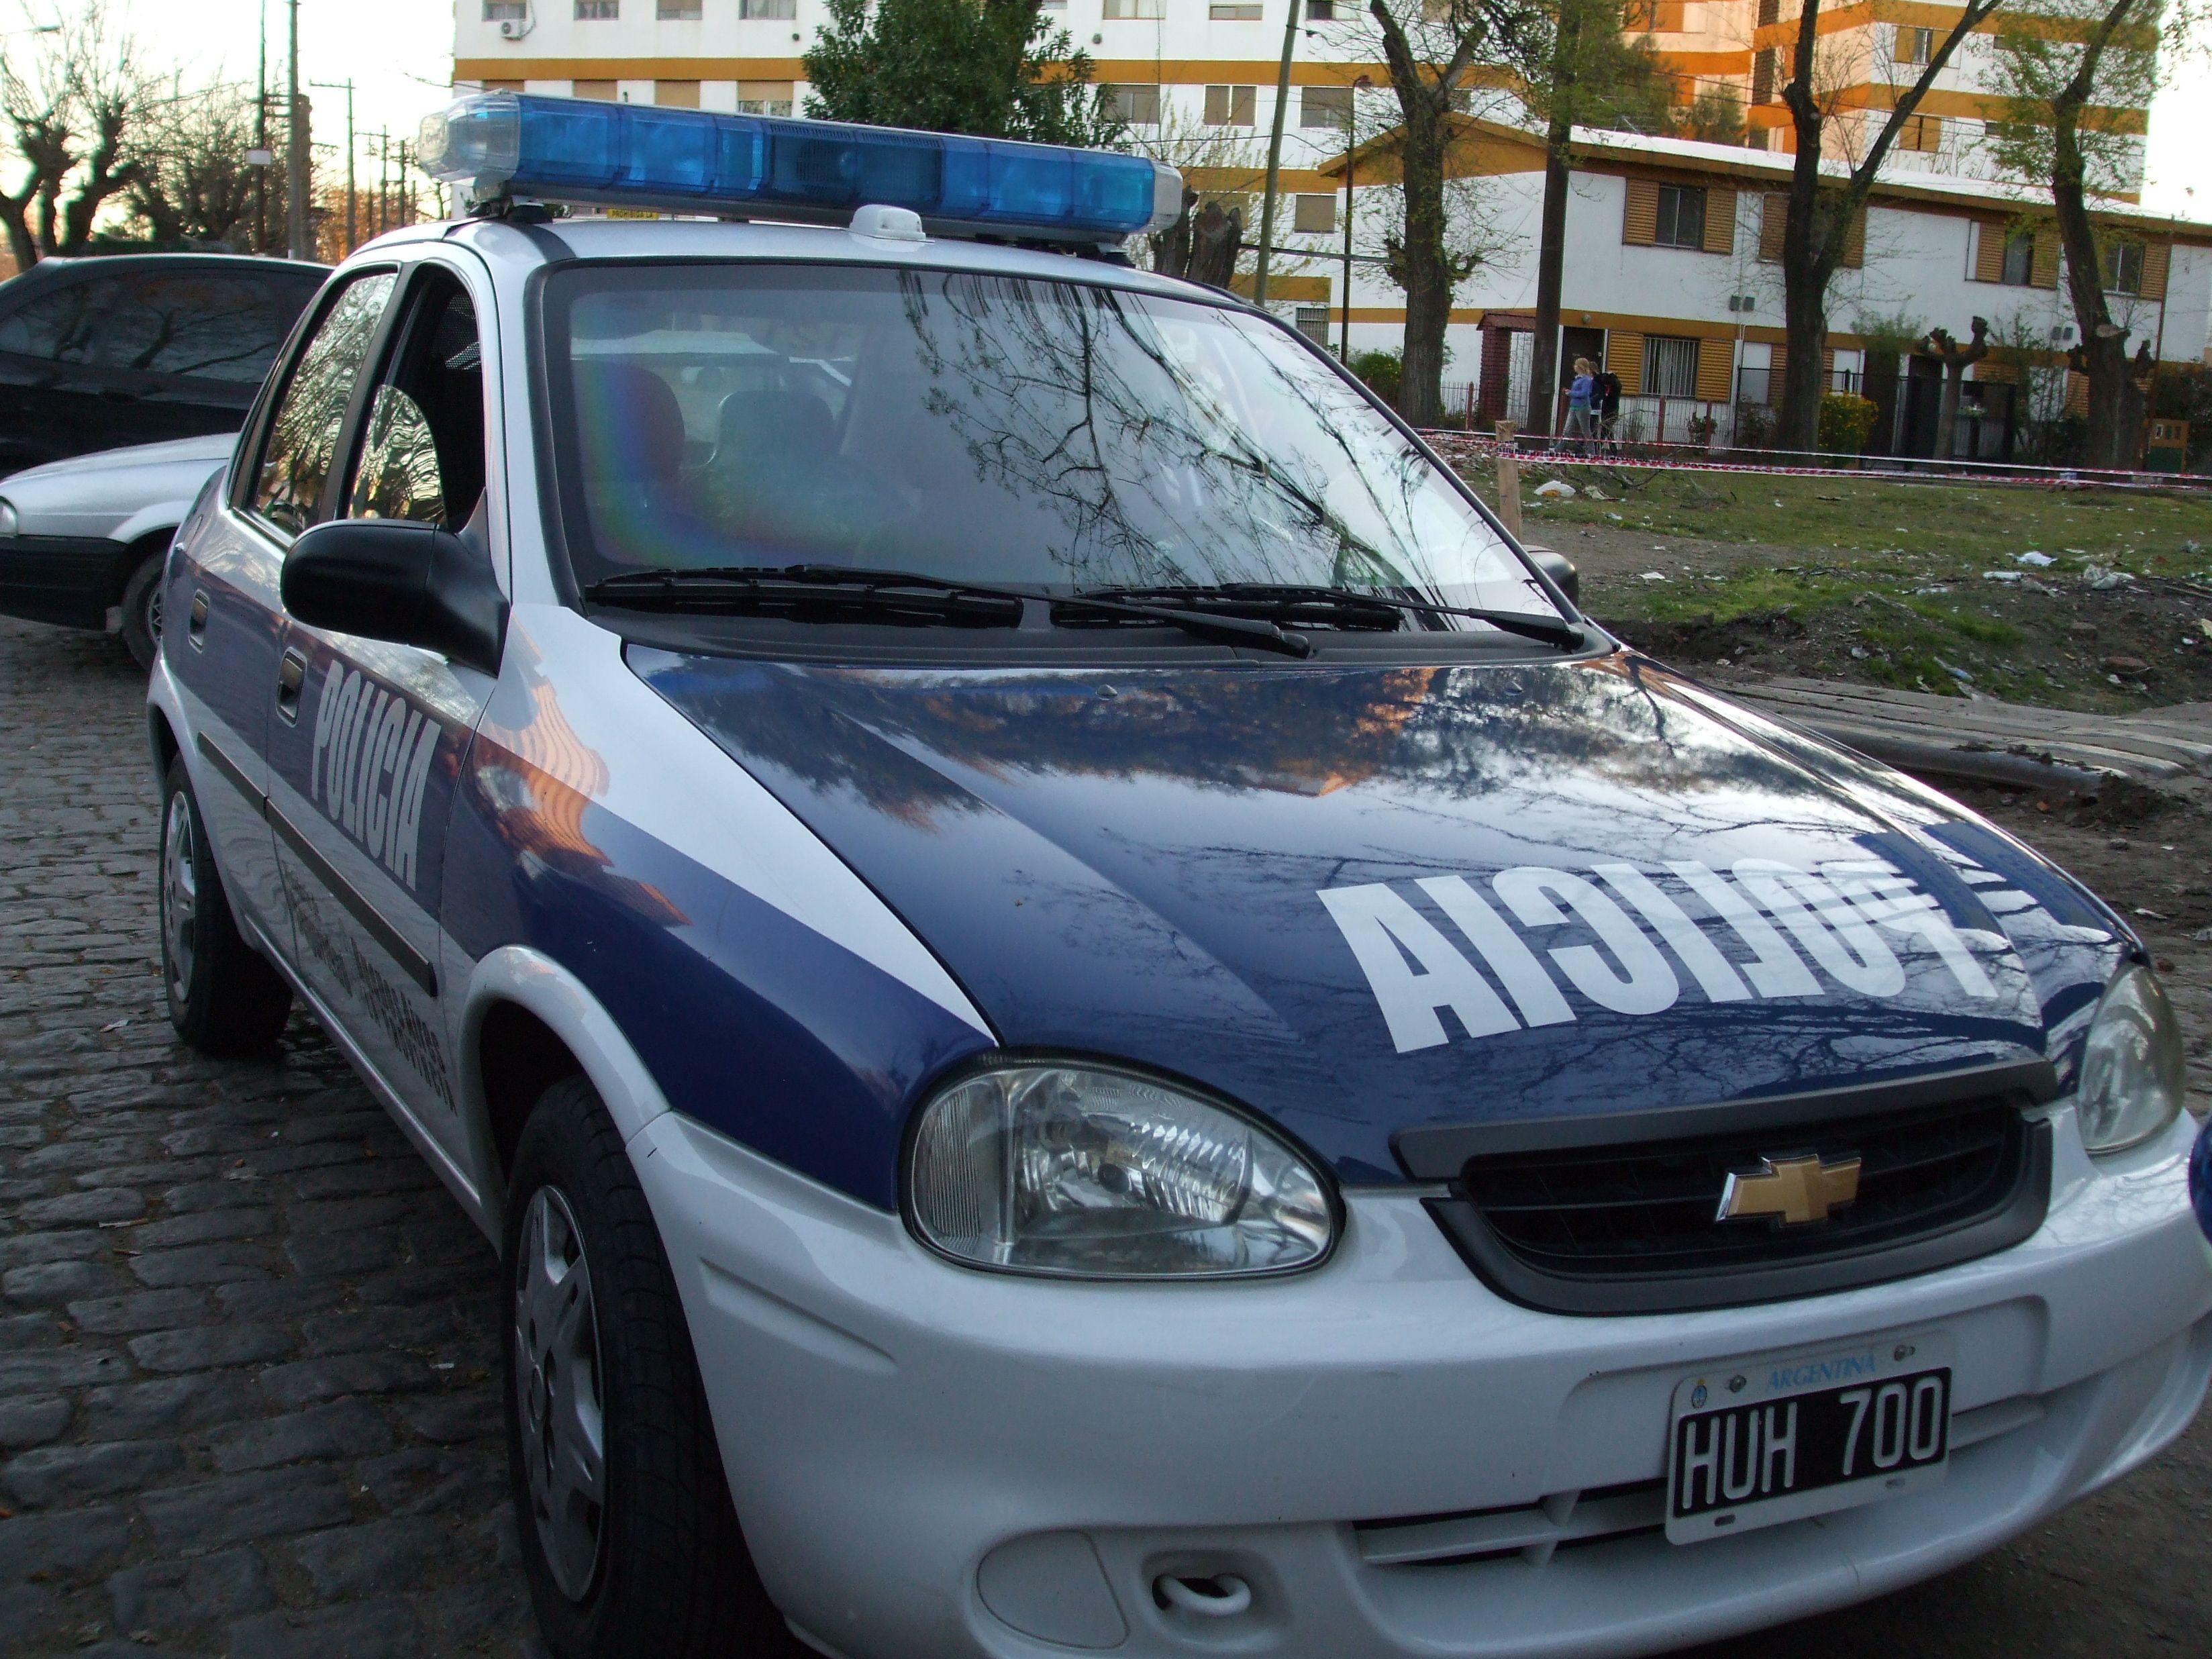 Matan a policía que intentó impedir el robo a un supermercado en Lomas